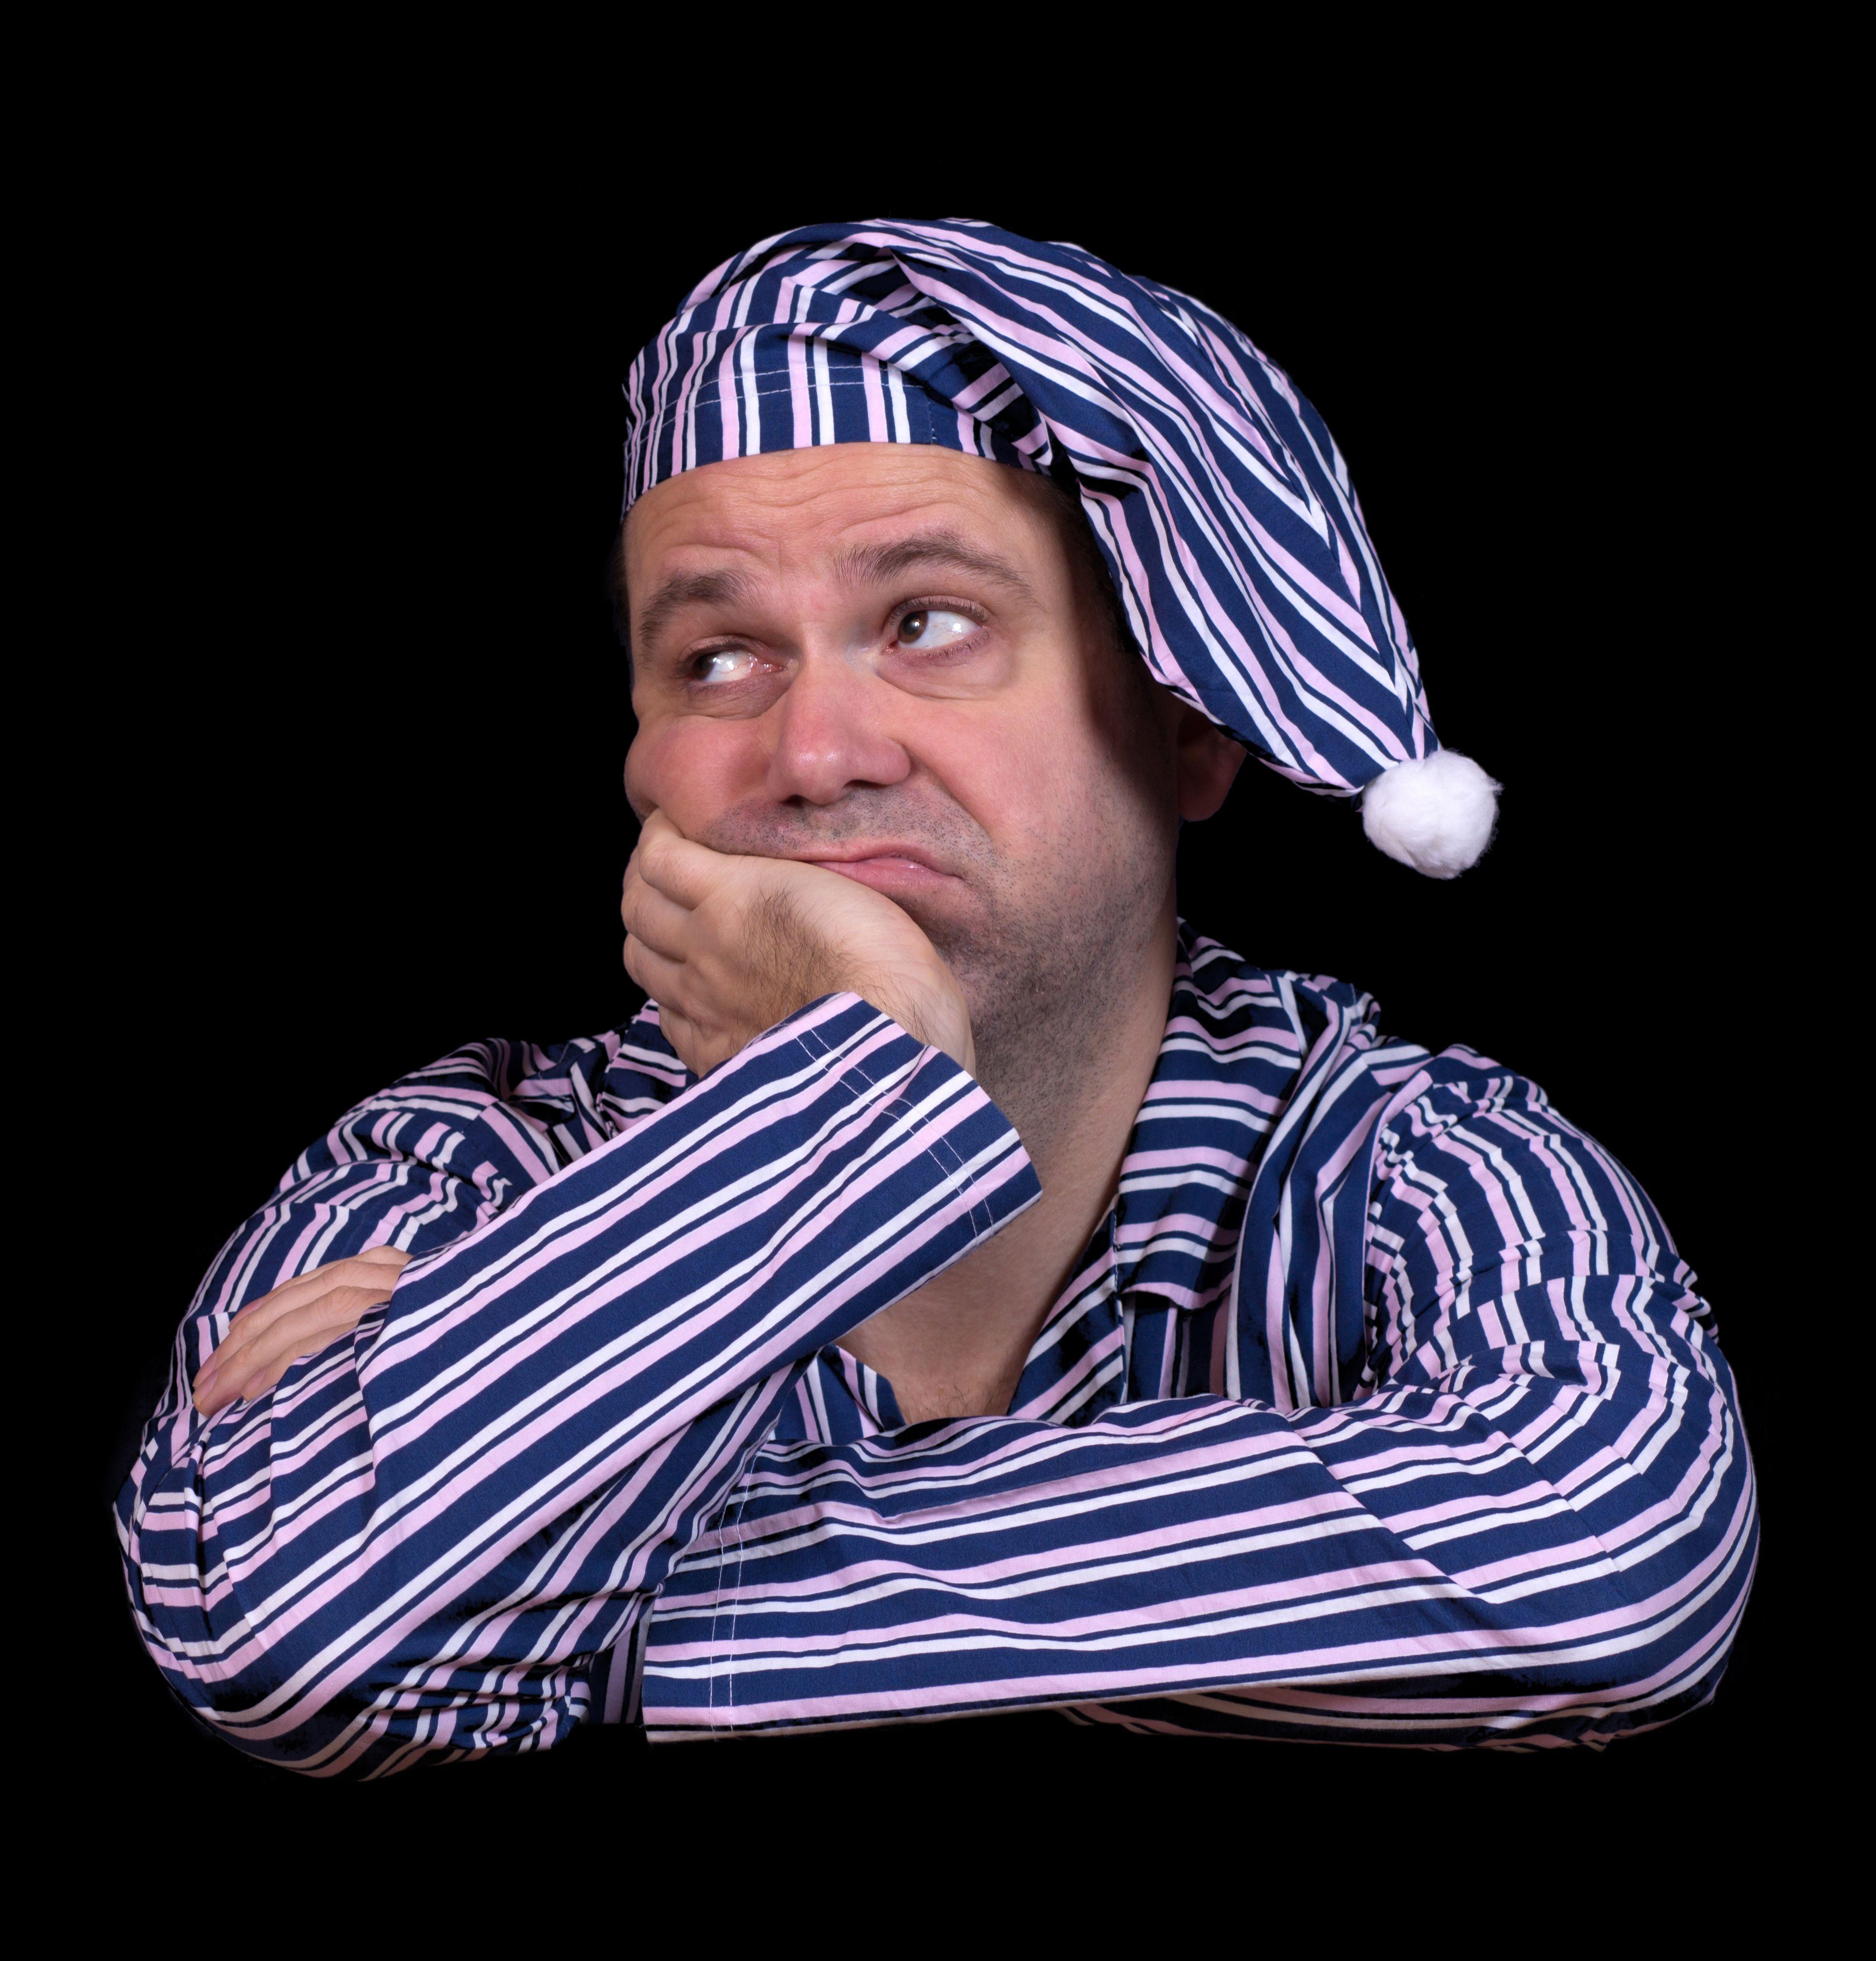 Gammeldagse pyjamasluer verner ikke nattesøvnen på samme måte som Shield hevder å kunne gjøre.